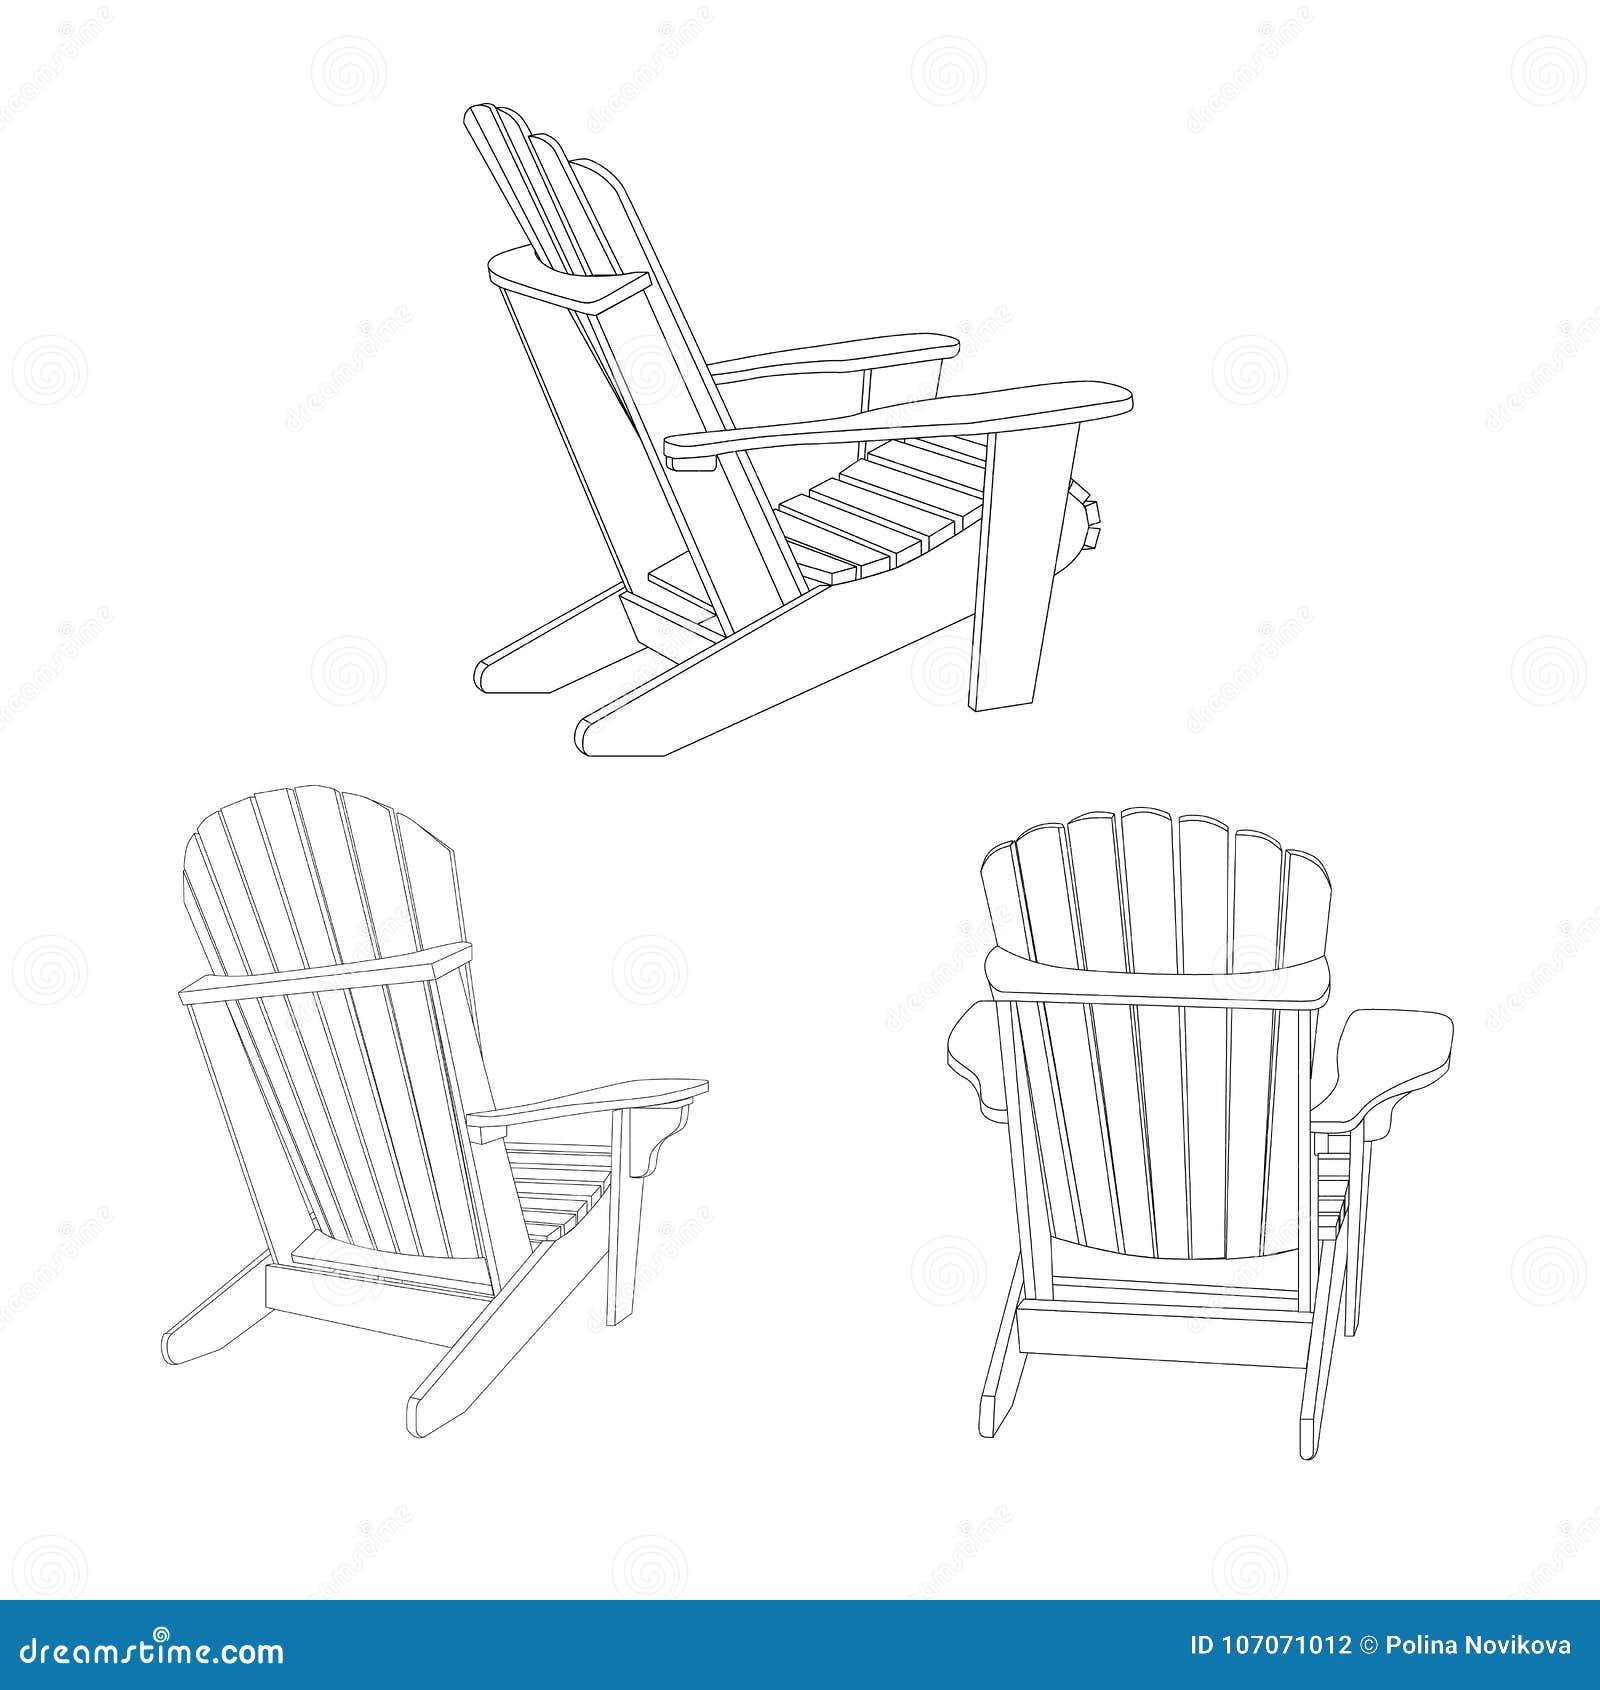 Klasyczny drewniany plenerowy krzesło, konturu nakreślenie Ogrodowy meblarski ustawiający w adirondack stylu